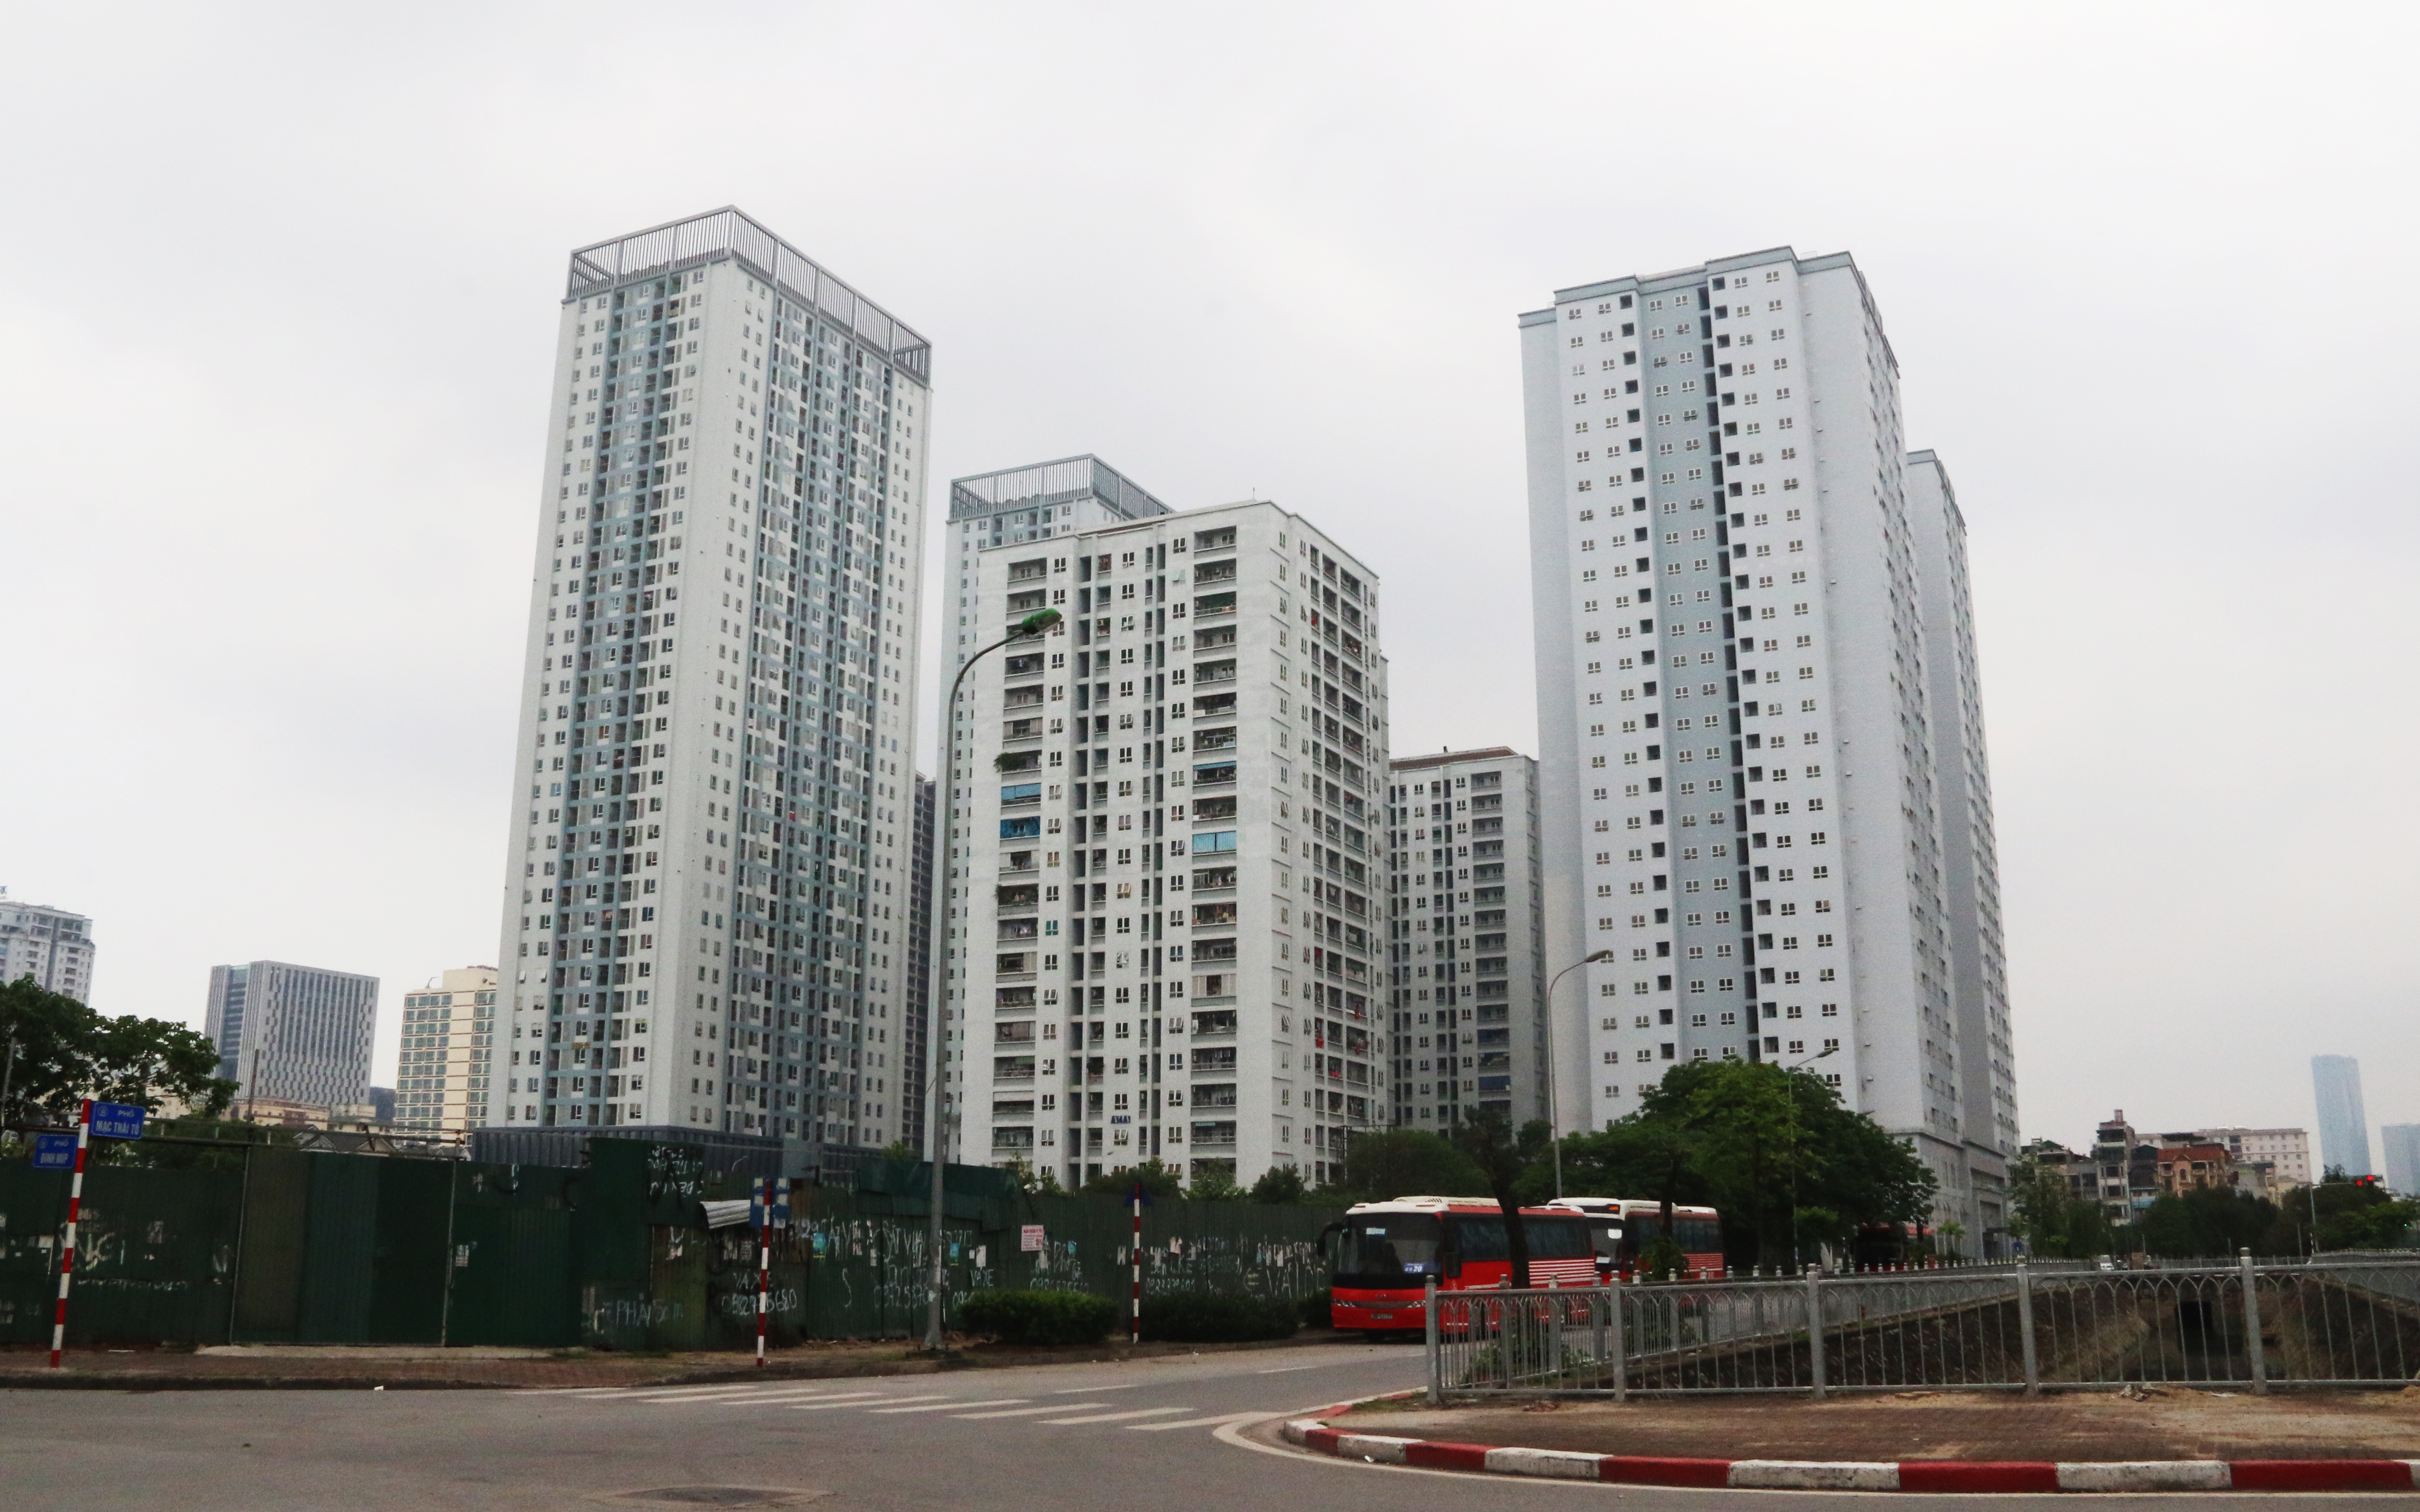 Bộ Xây dựng đề xuất bỏ qui định nộp trực tiếp phí bảo trì chung cư cho chủ đầu tư - 1